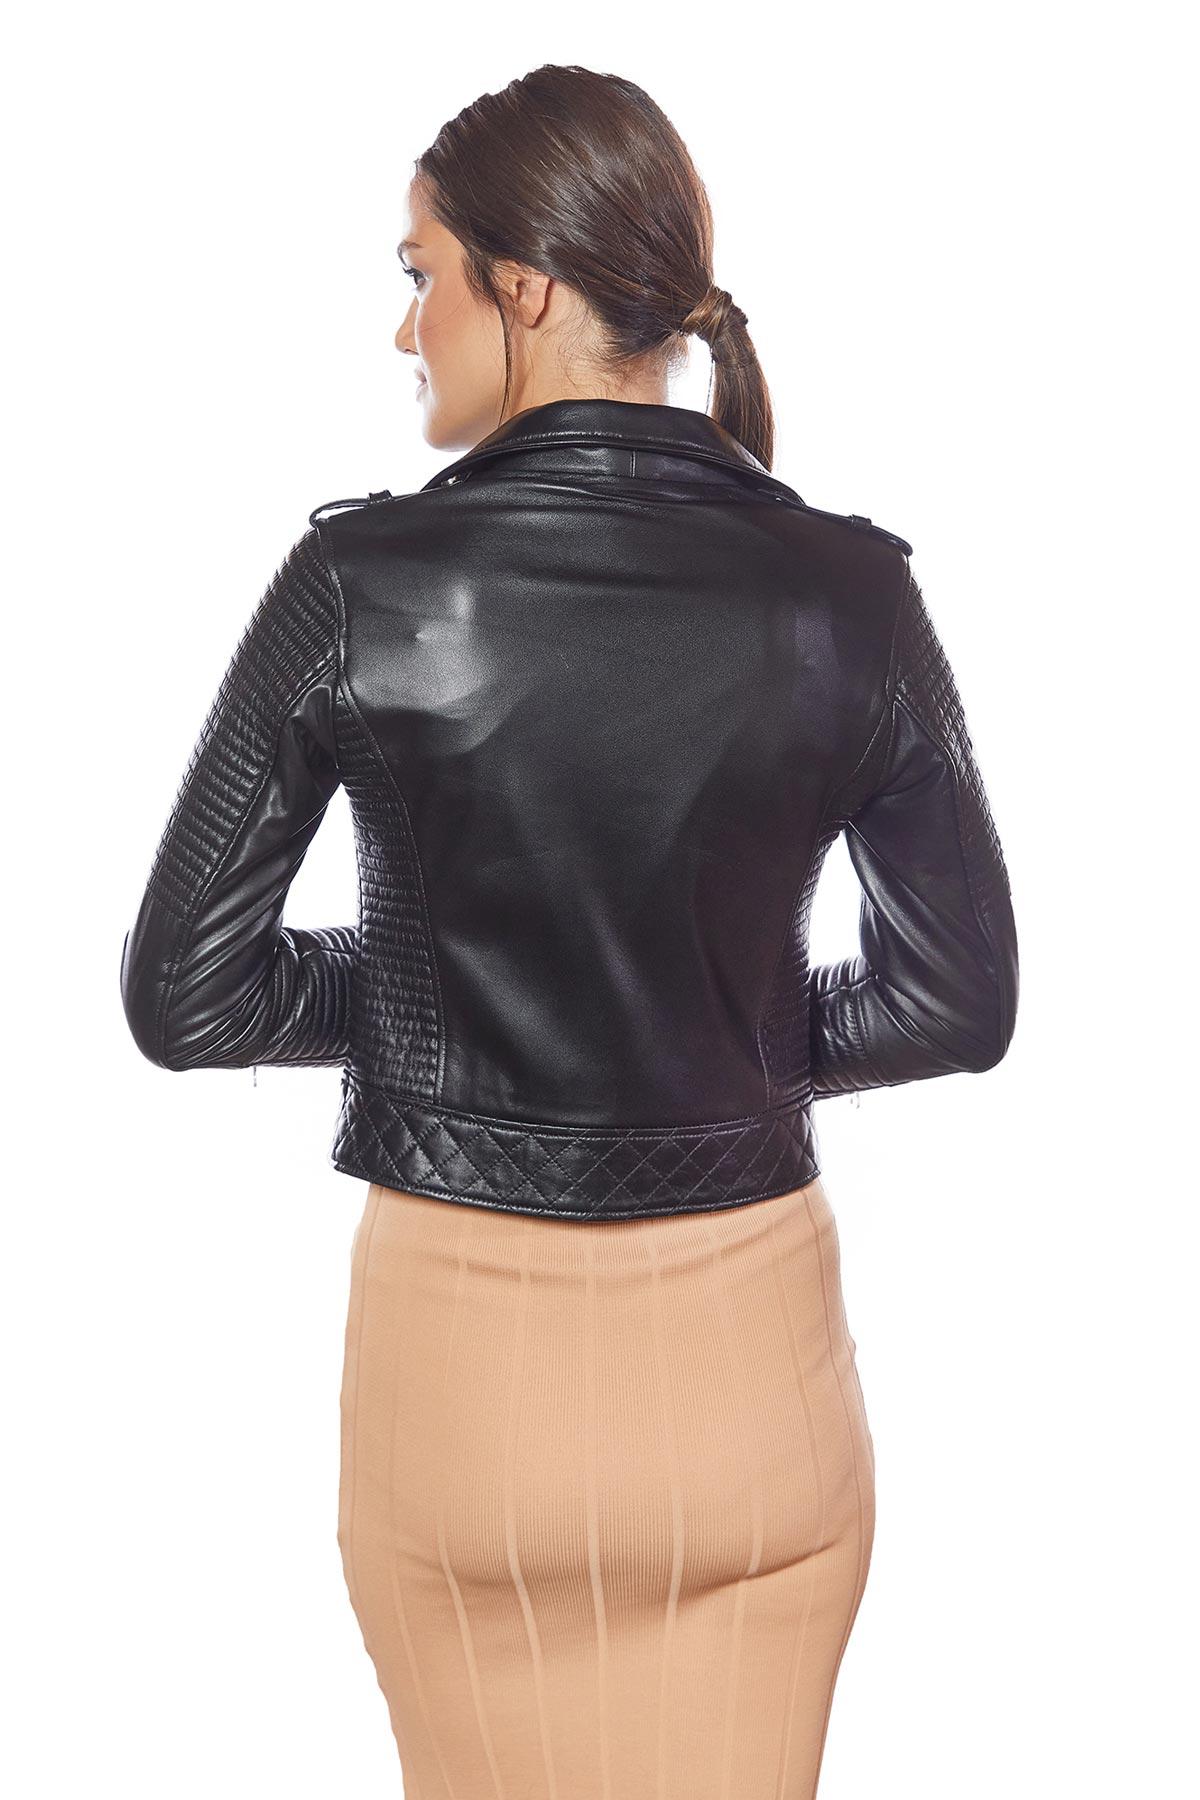 yamaha genuine leather jacket